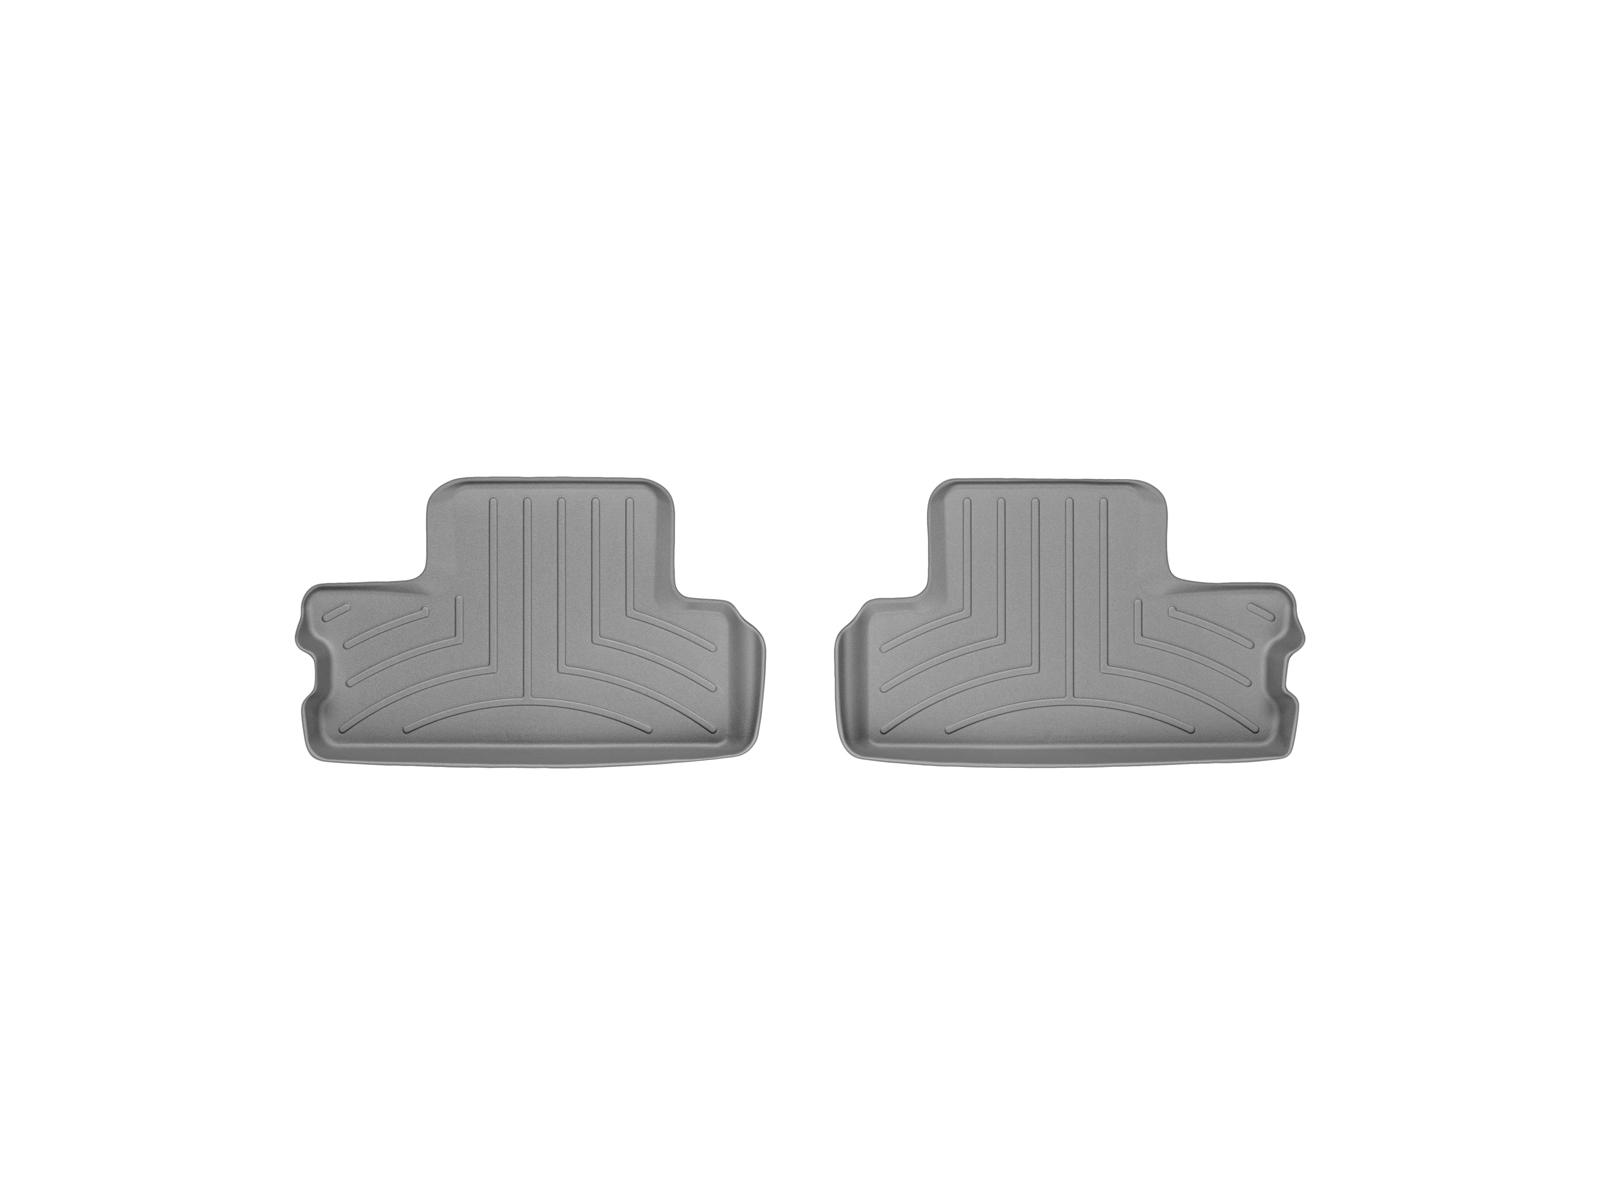 Tappeti gomma su misura bordo alto MINI Coupe 12>15 Grigio A2704*